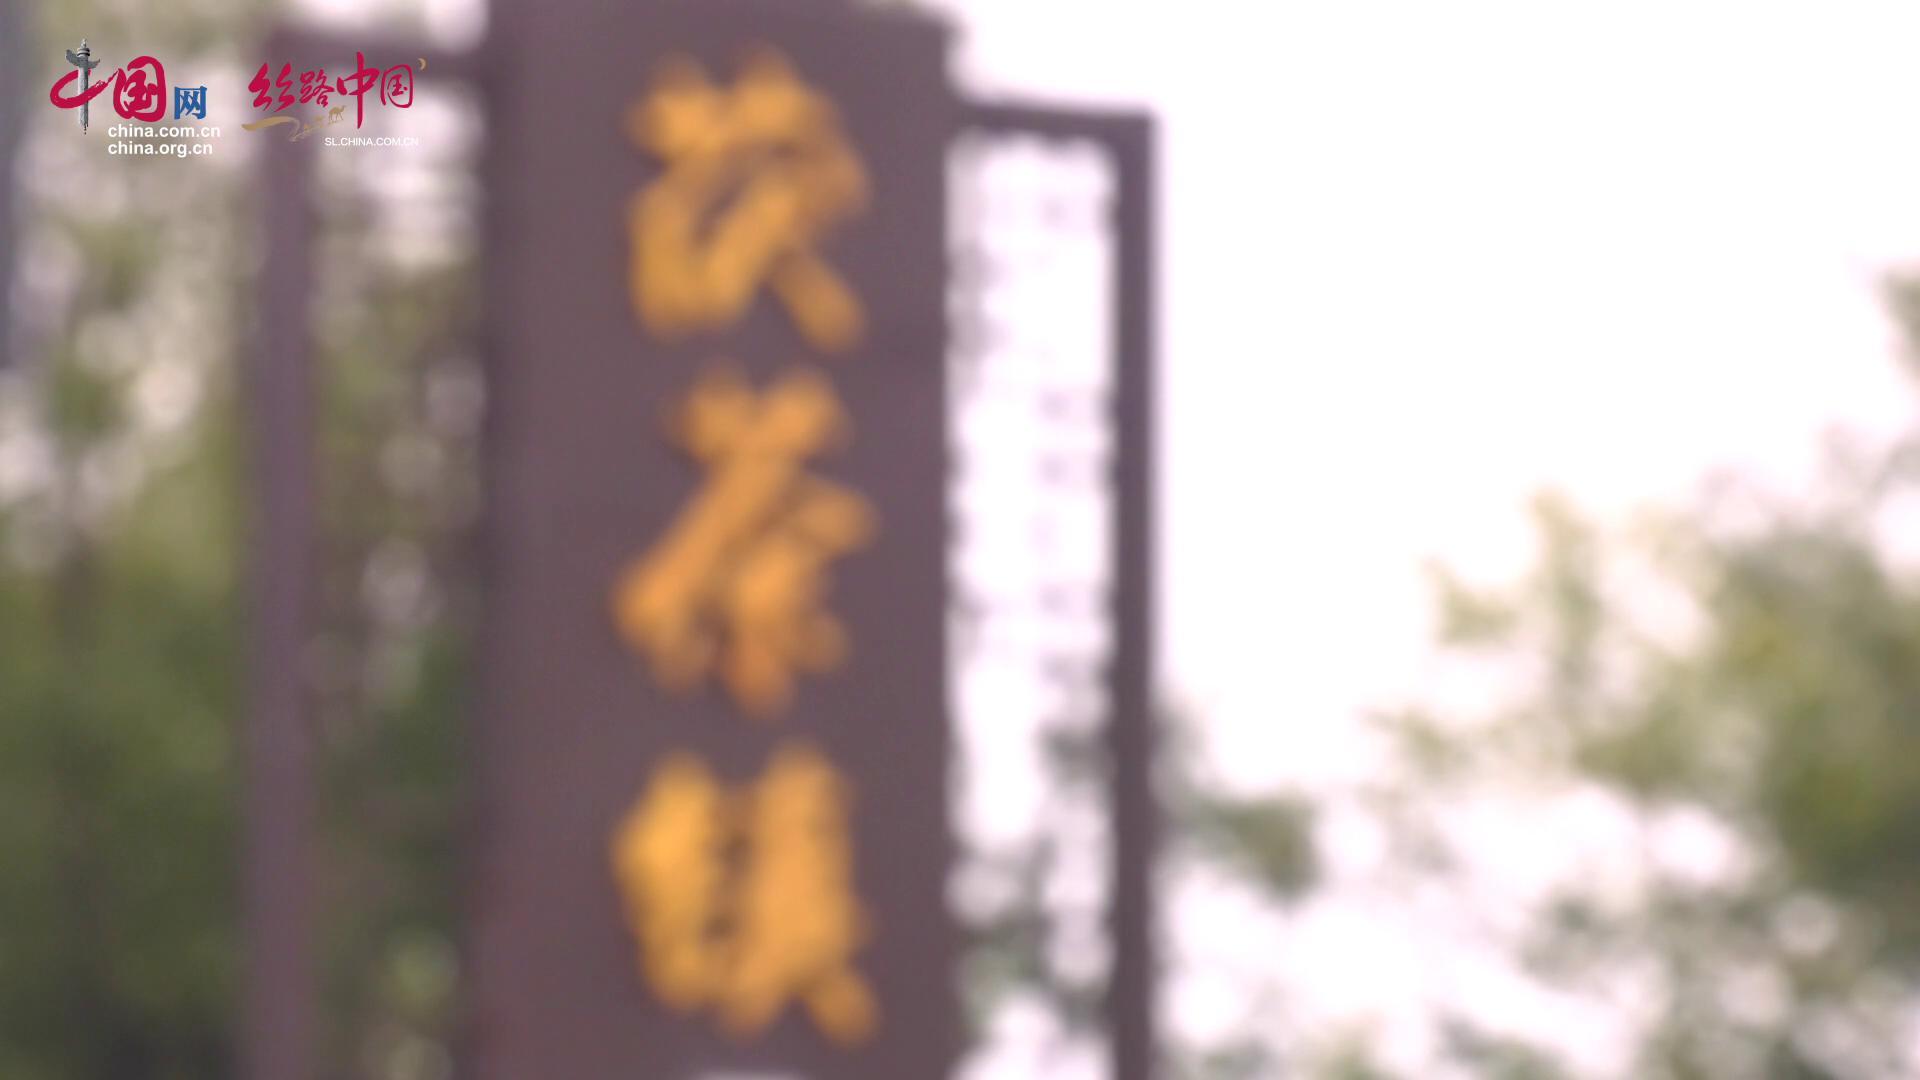 【視頻】品茶 吃美食 體驗關中民俗文化 涇河新城茯茶鎮一應俱全